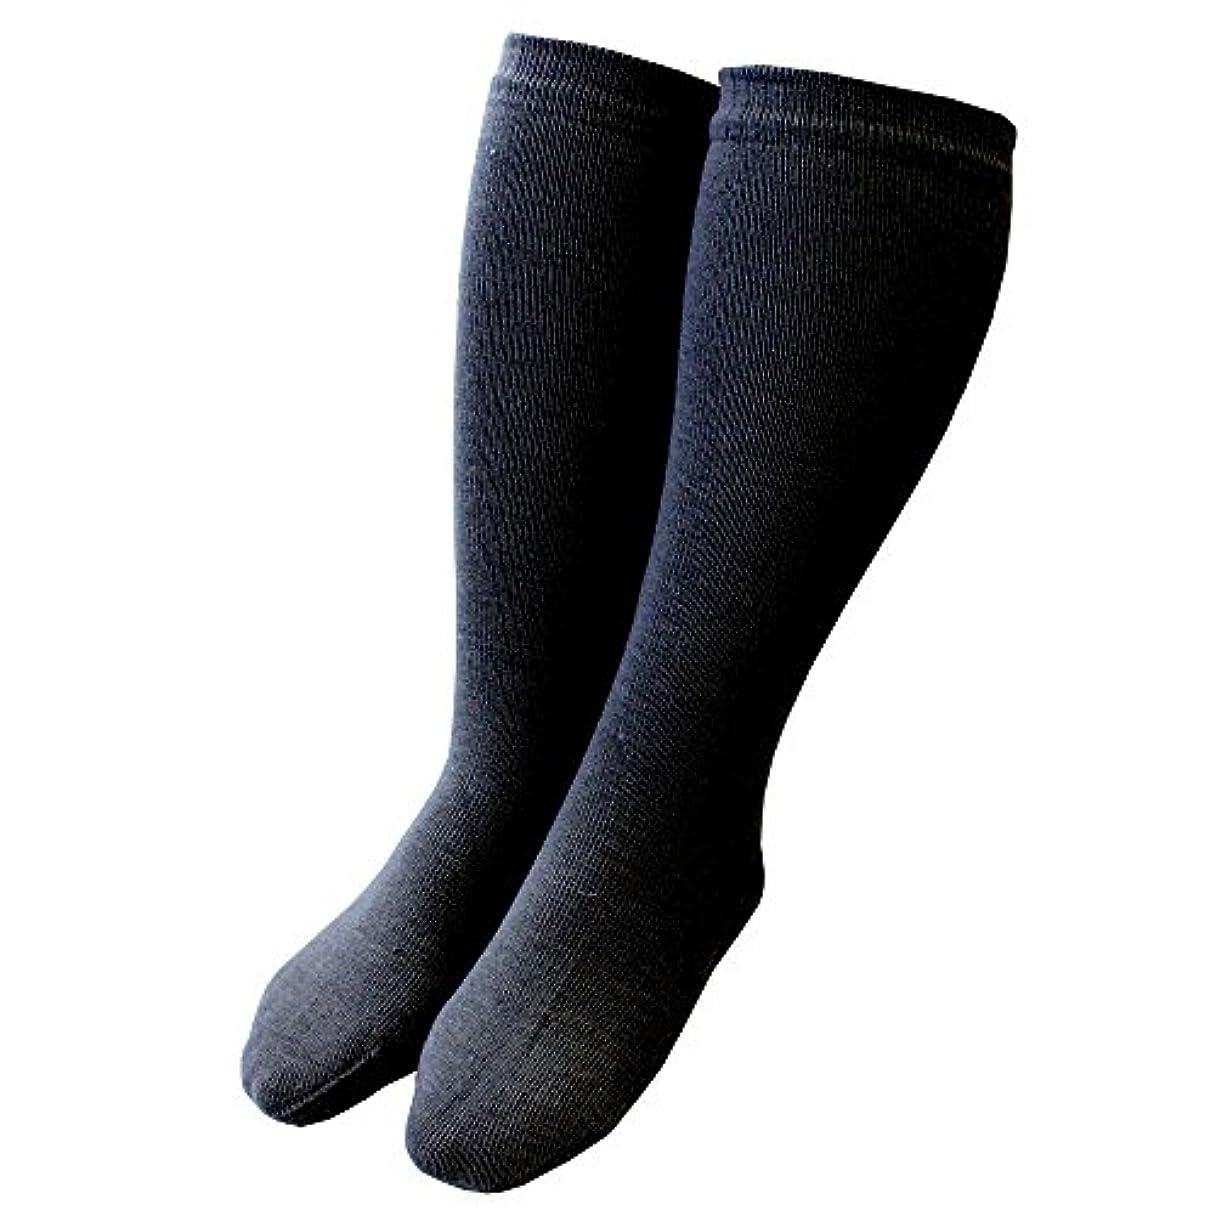 時期尚早原始的な台無しにカカトクリニック ハイソックス 履くだけ保湿 かかと 靴下 角質ケア 日本製 (ブラック, ハイソックス)